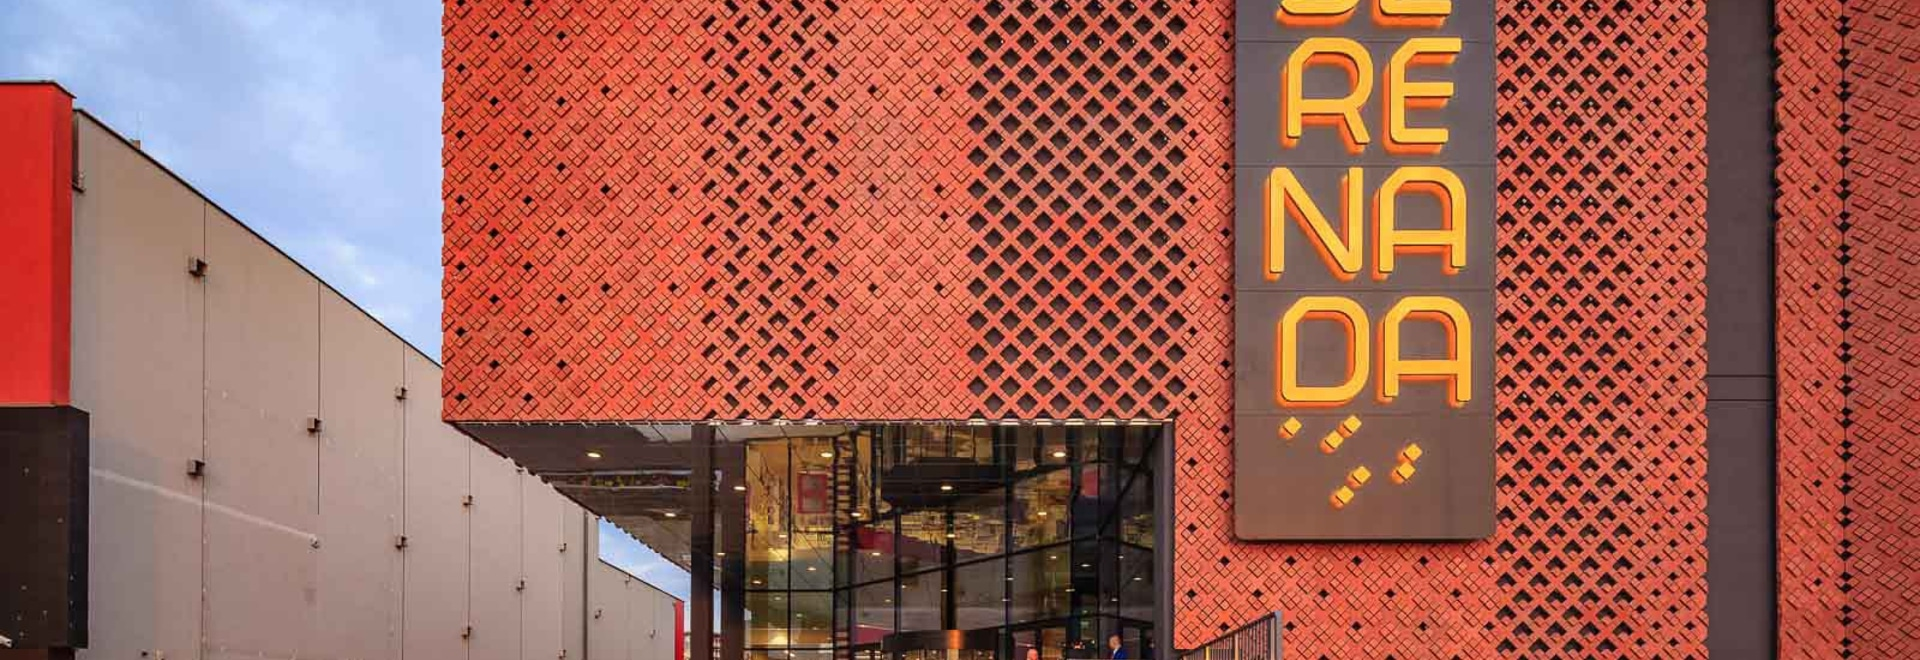 SERENADA Shopping Center in Krakow